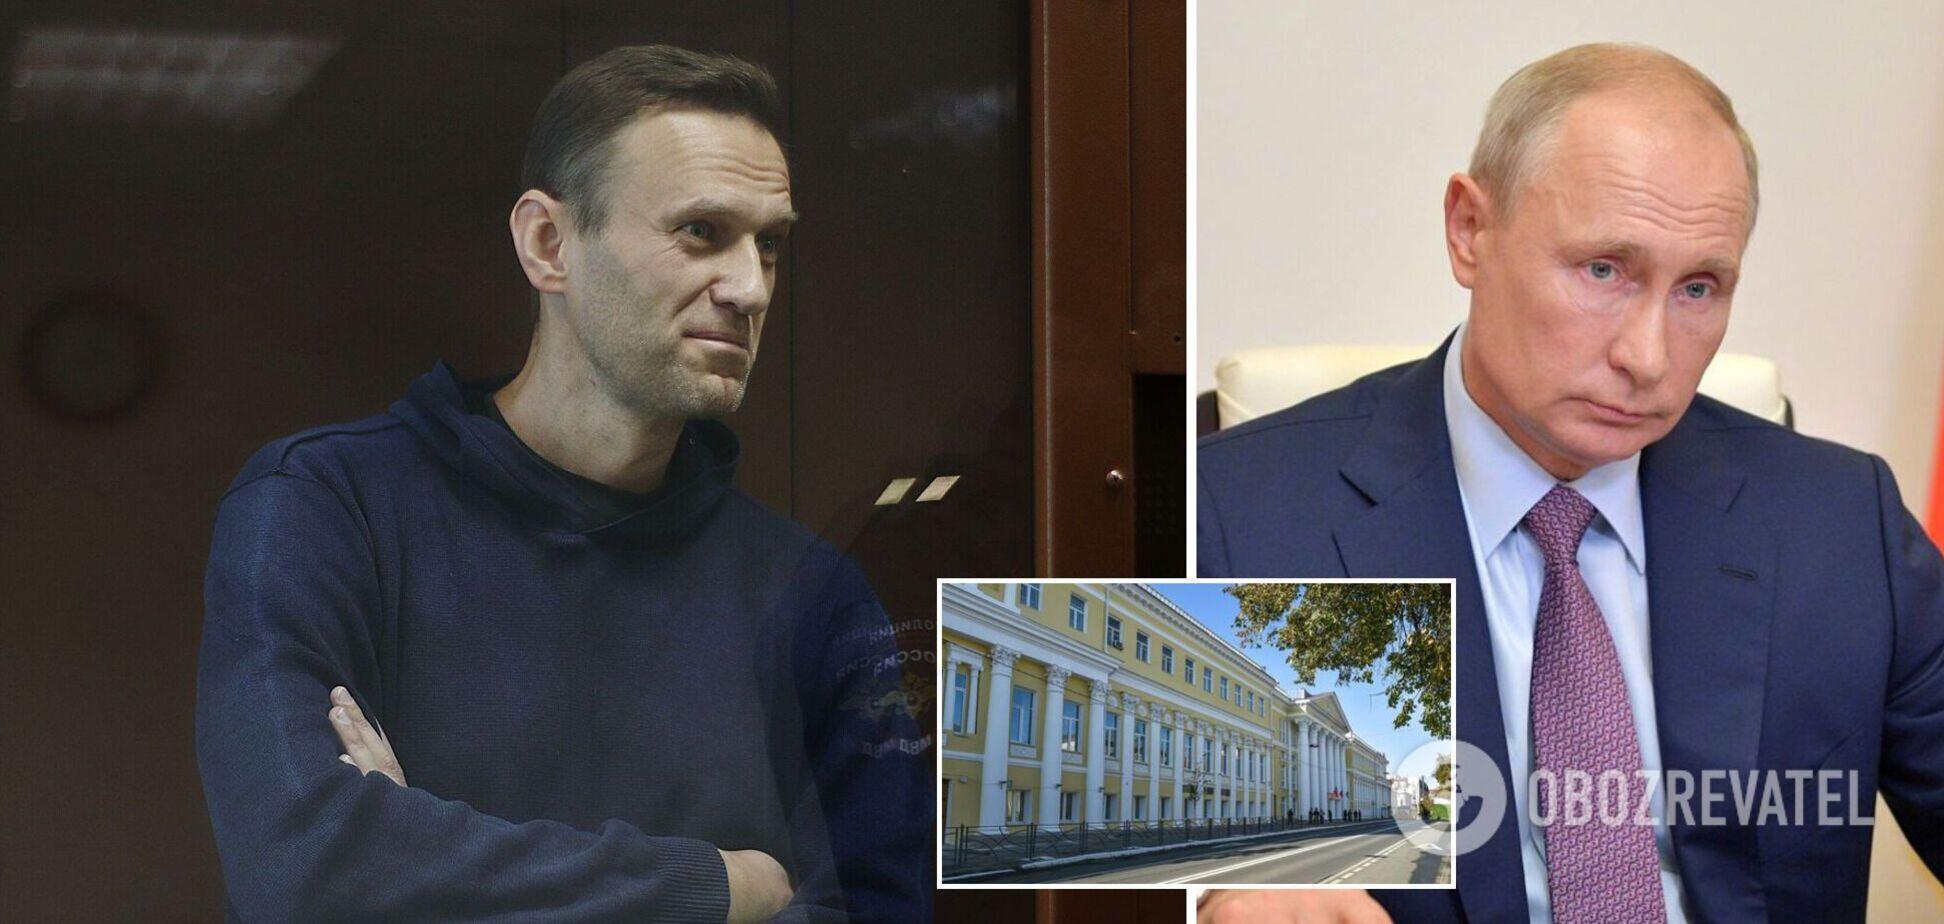 В РФ преподаватель назвал Путина царем и призвал студентов 'не вписываться за Навального'